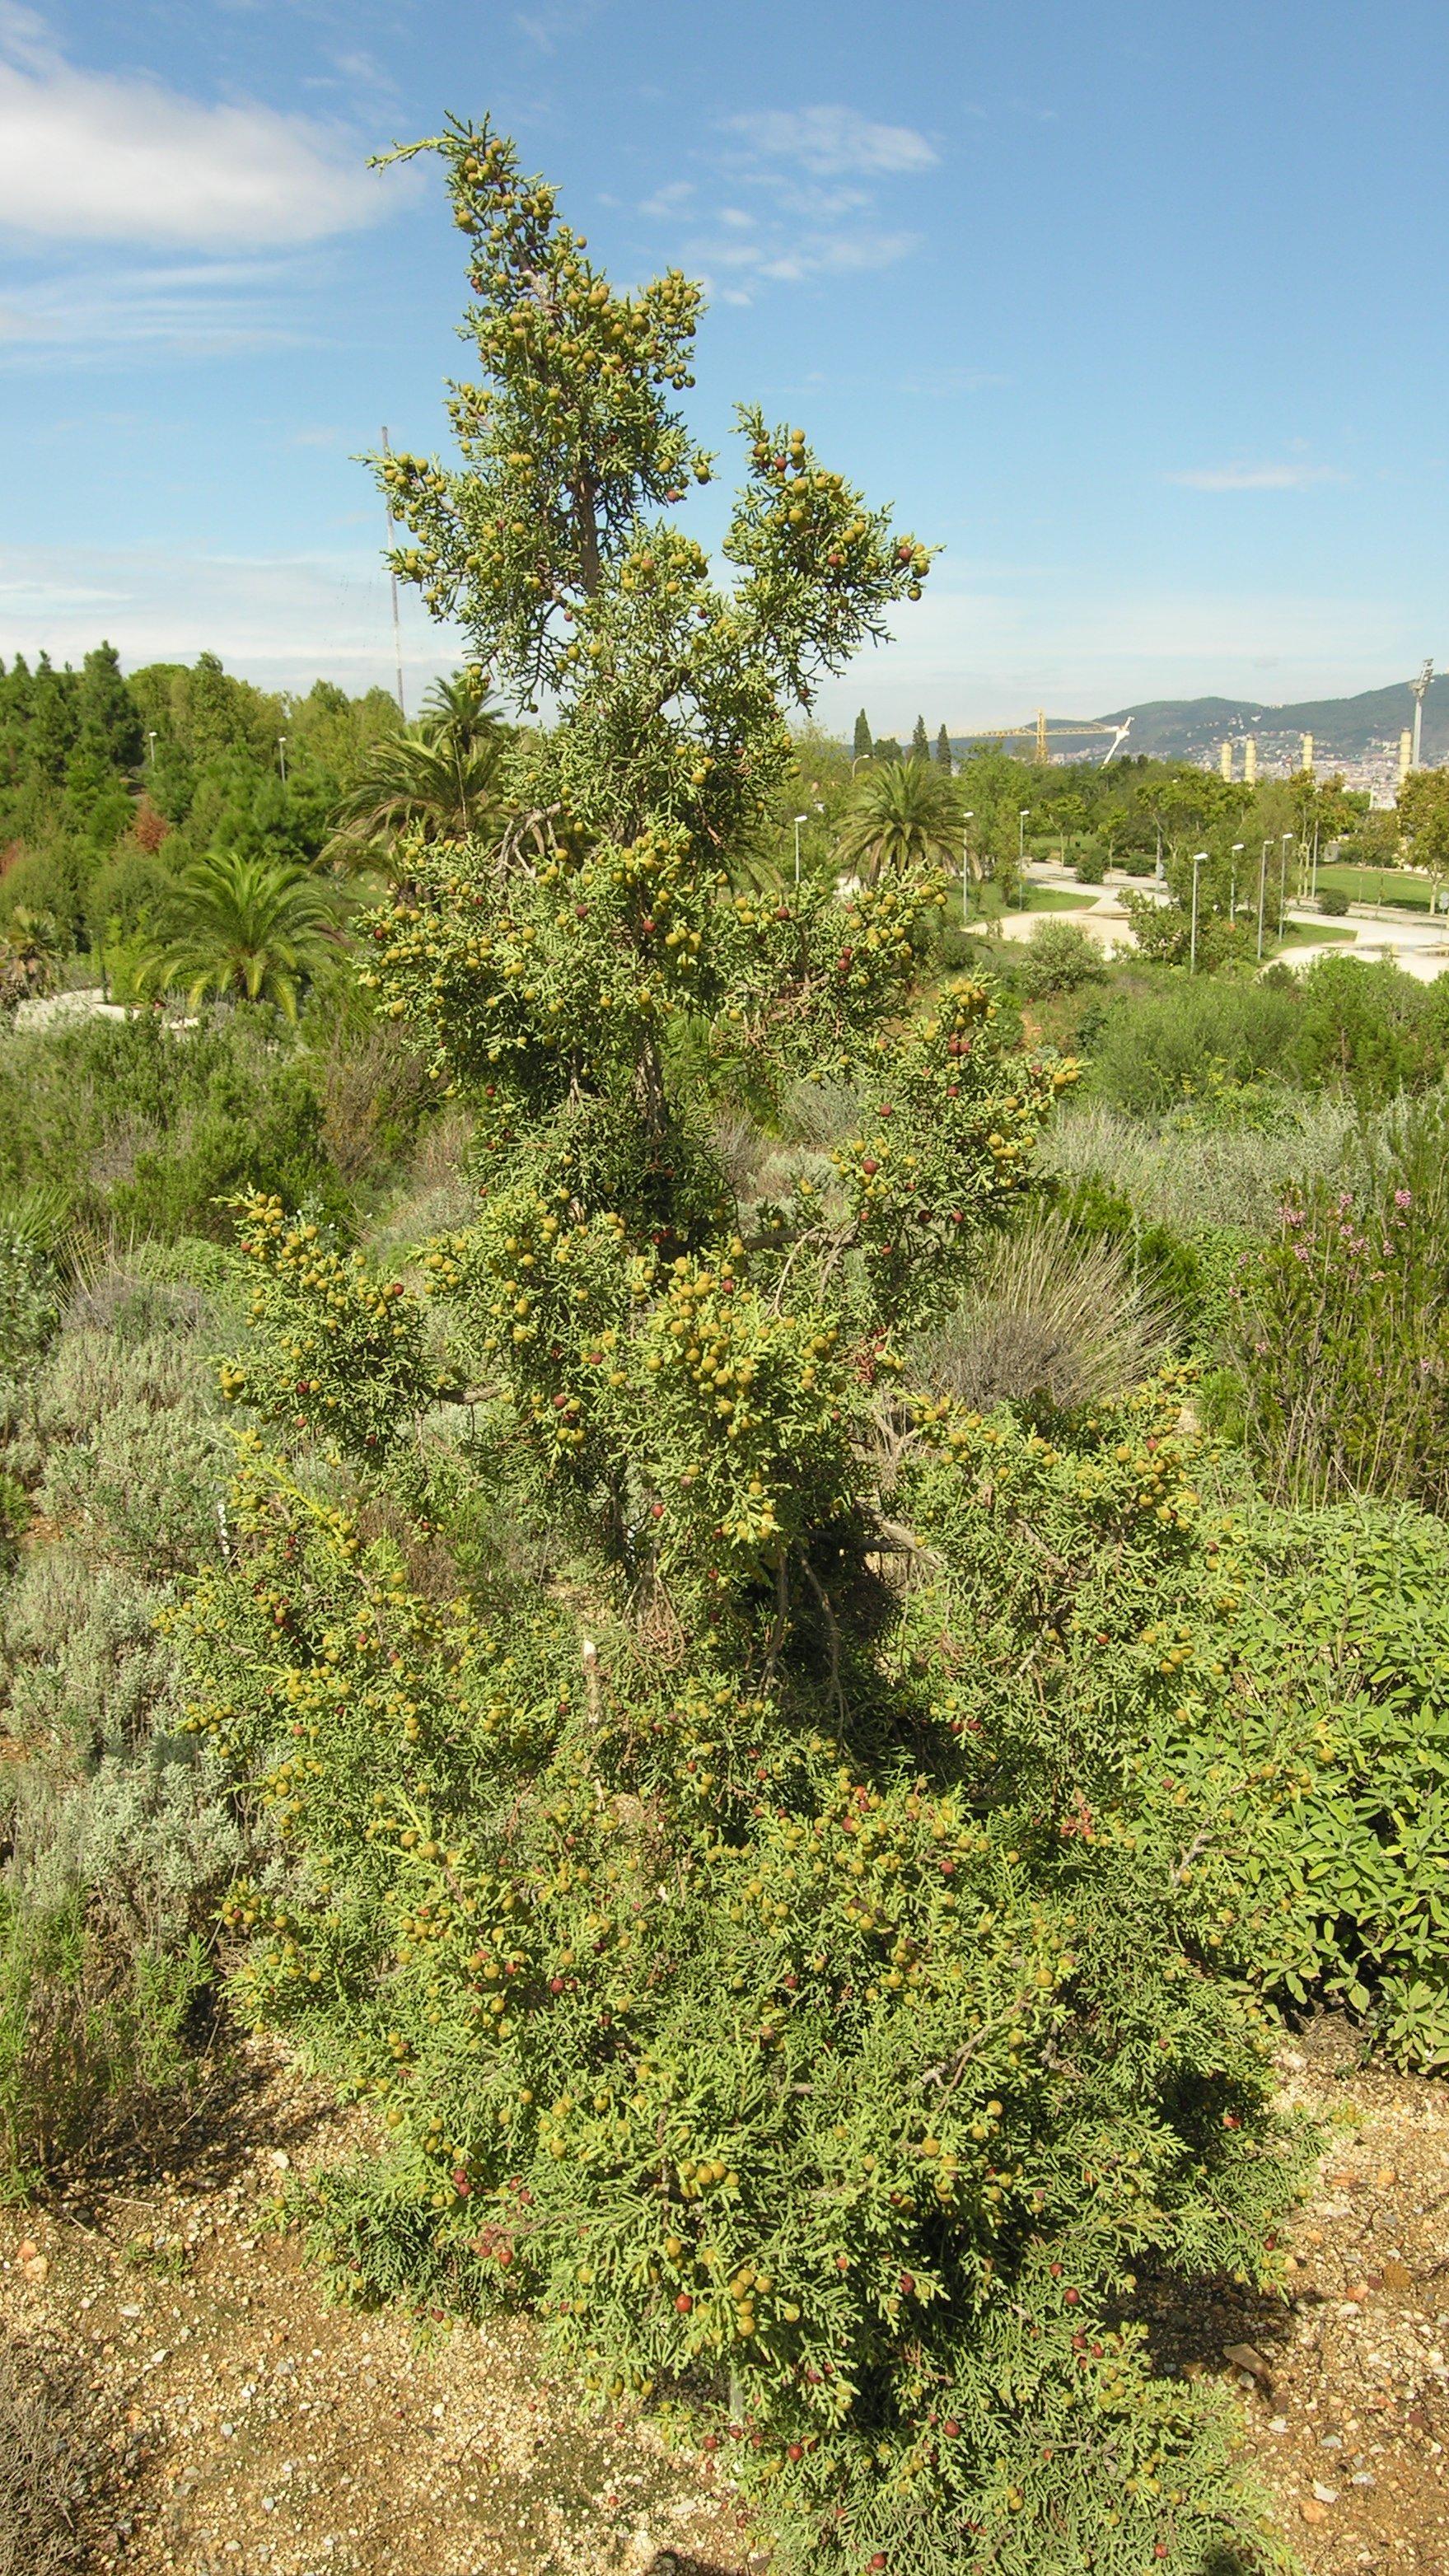 © Dipartimento di Scienze della Vita, Università degli Studi di Trieste<br>by Andrea Moro<br>Barcellona,  Orto Botanico., Catalogna, Spagna, 16/06/2004<br>Distributed under CC-BY-SA 4.0 license.